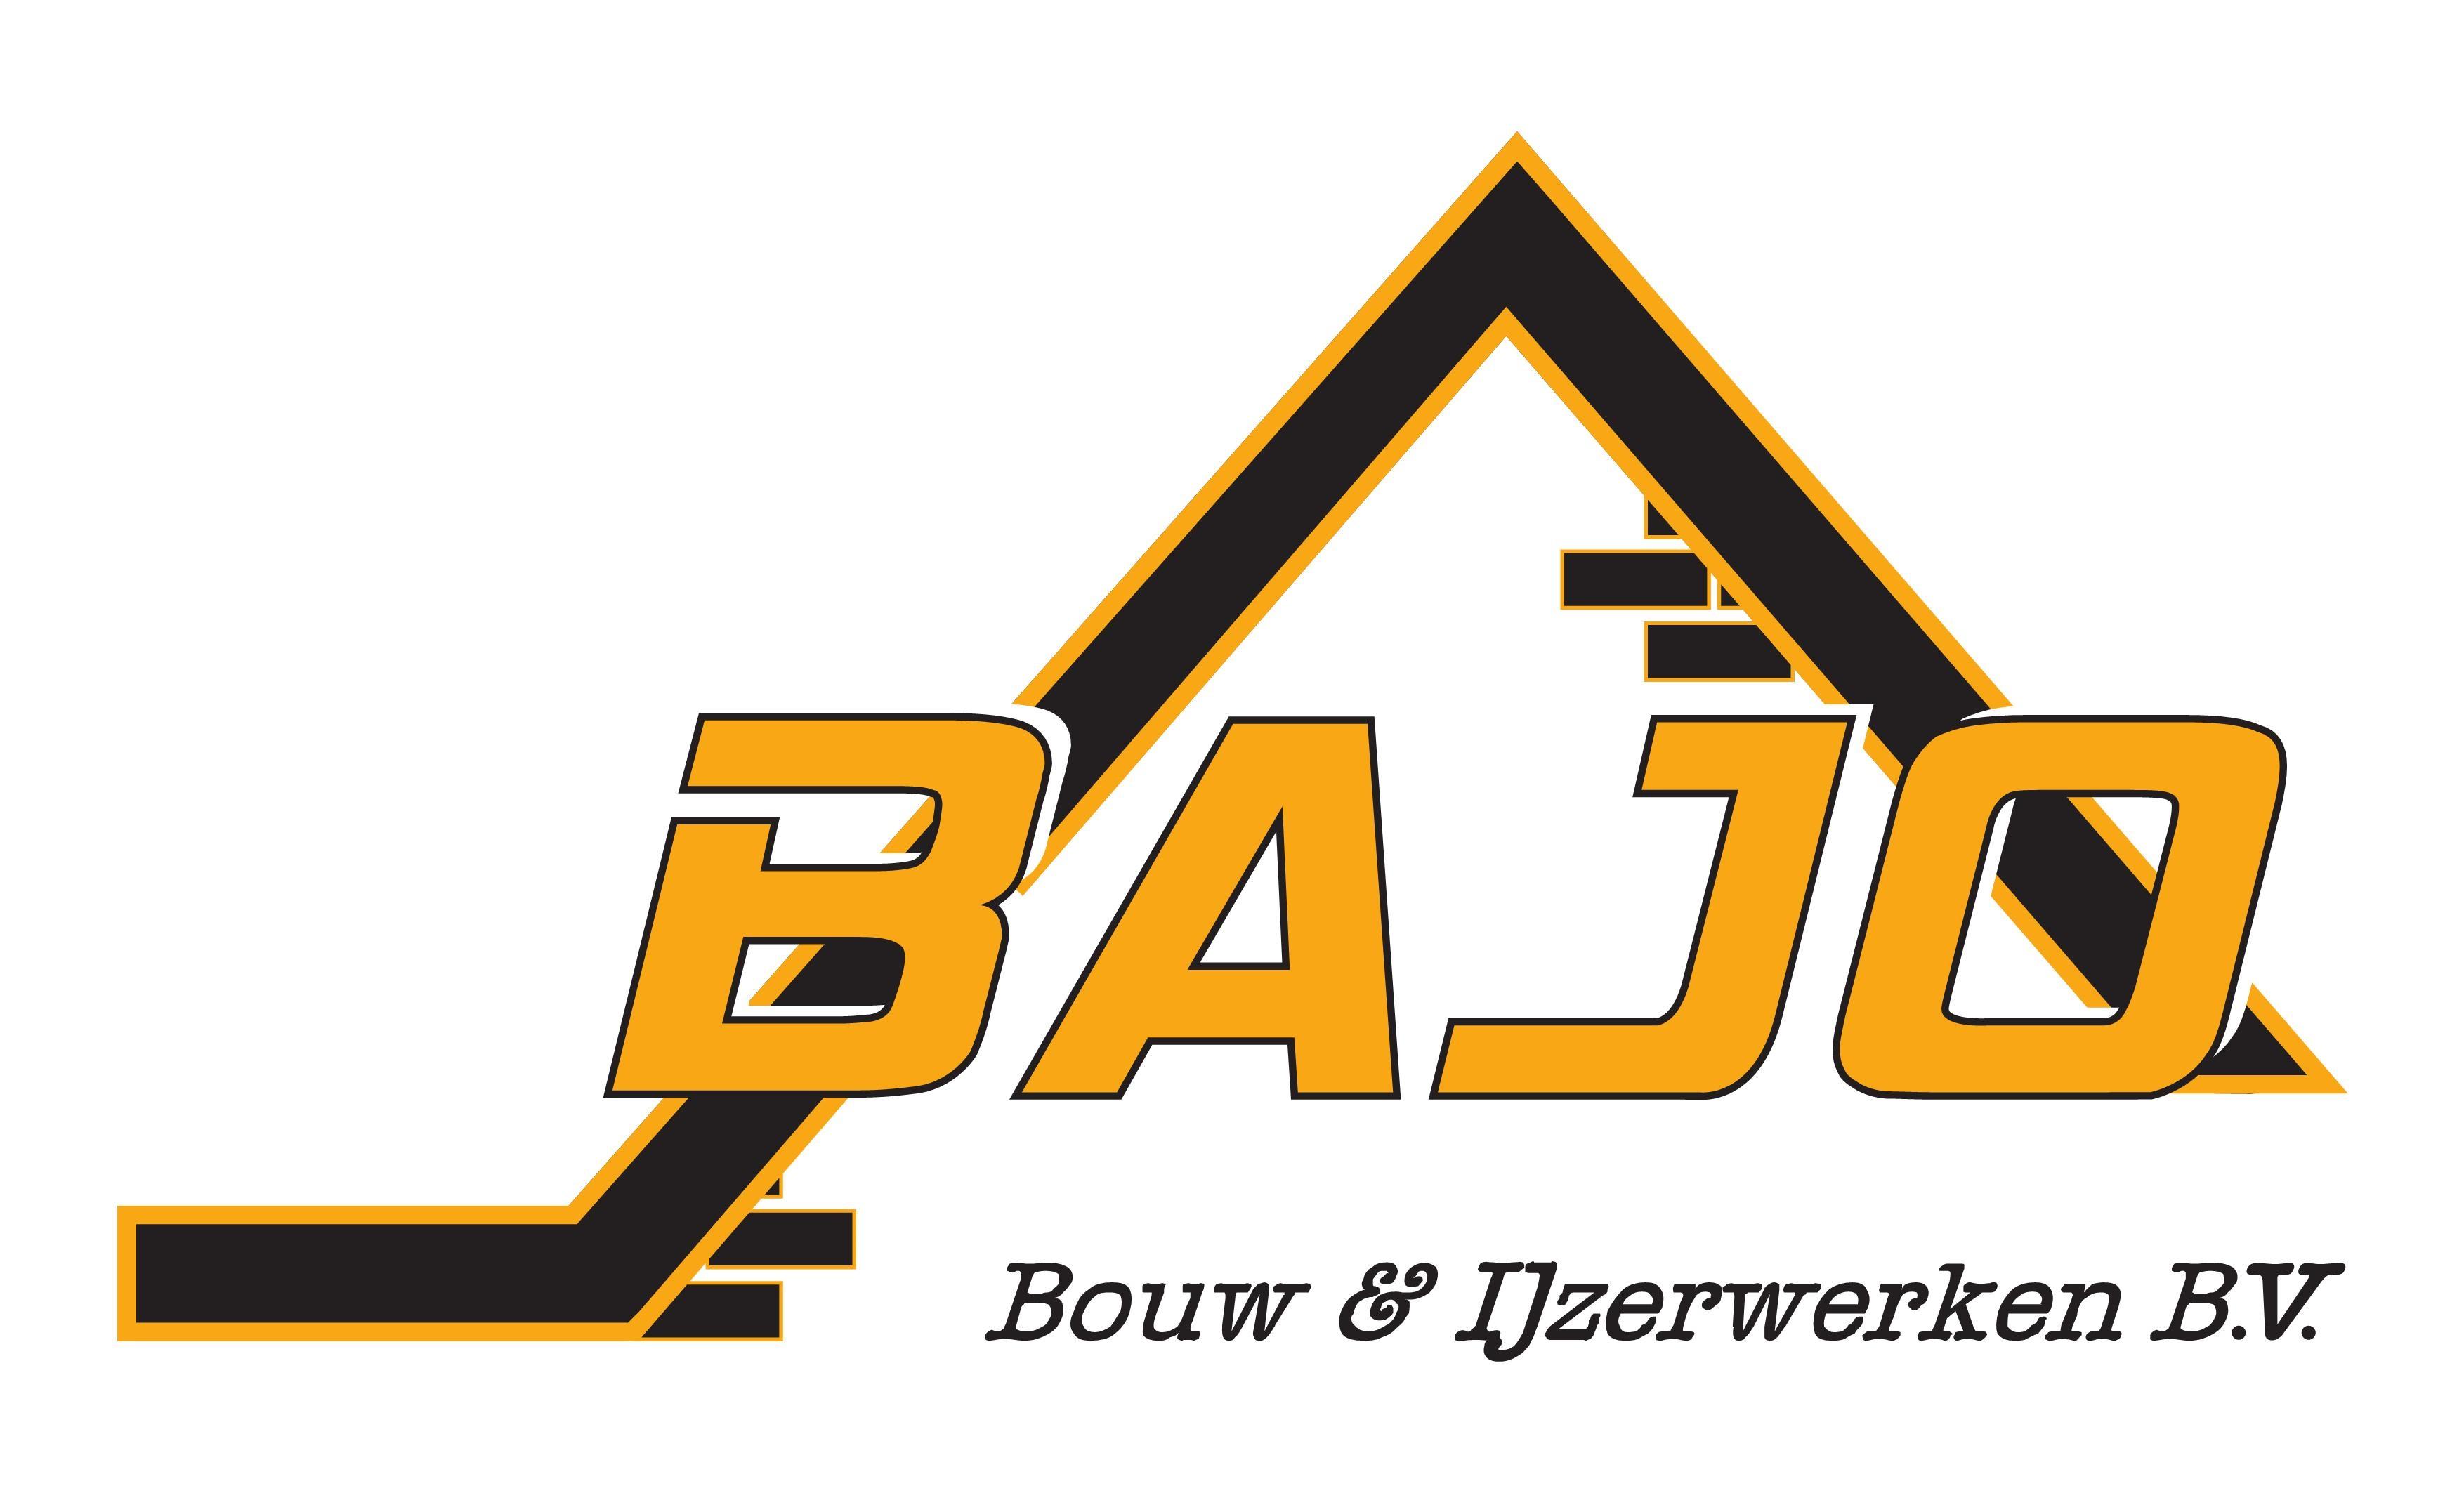 Bajo Bouw en IJzerwerken B.V.